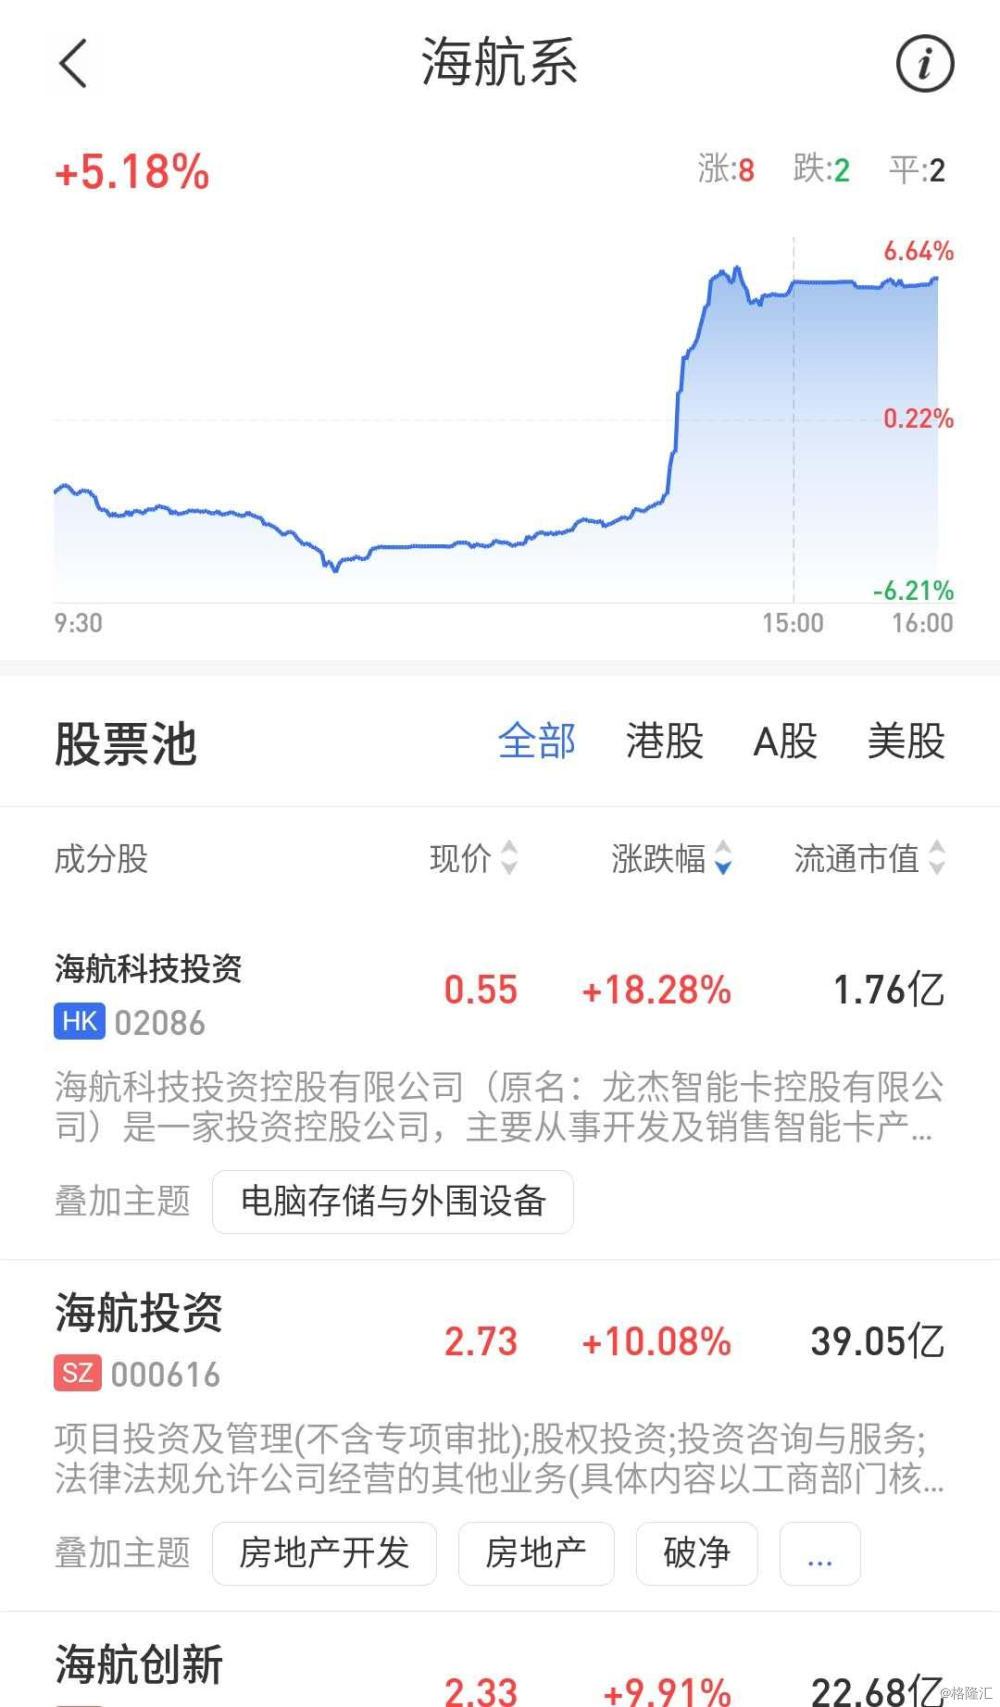 海航系拉升 海航科技投资(2086.HK)涨超18% 多只A股涨停